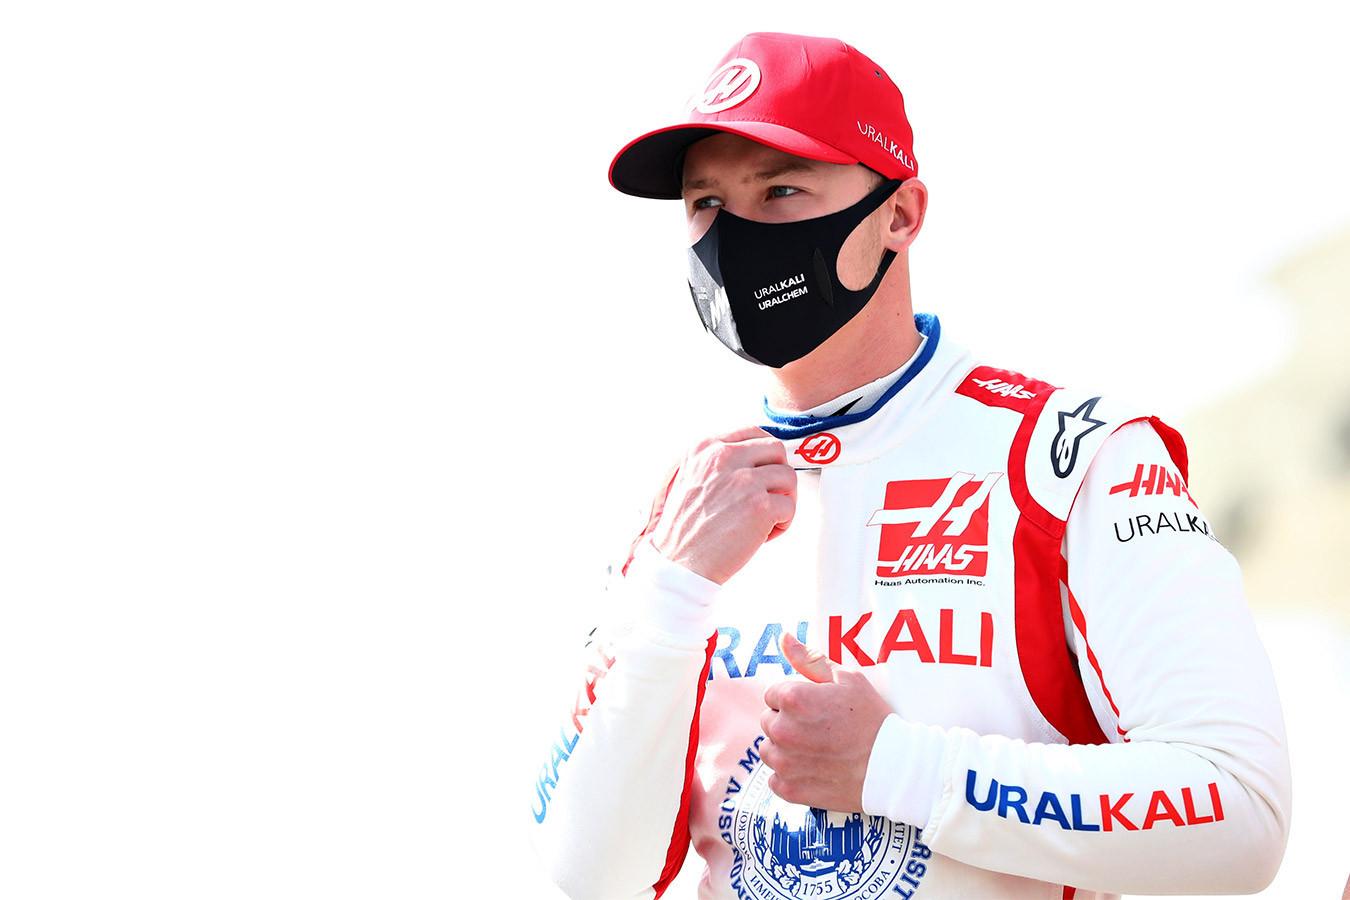 Руководитель 'Хааса' оценил выступление Мазепина и Шумахера на Гран-при Австрии